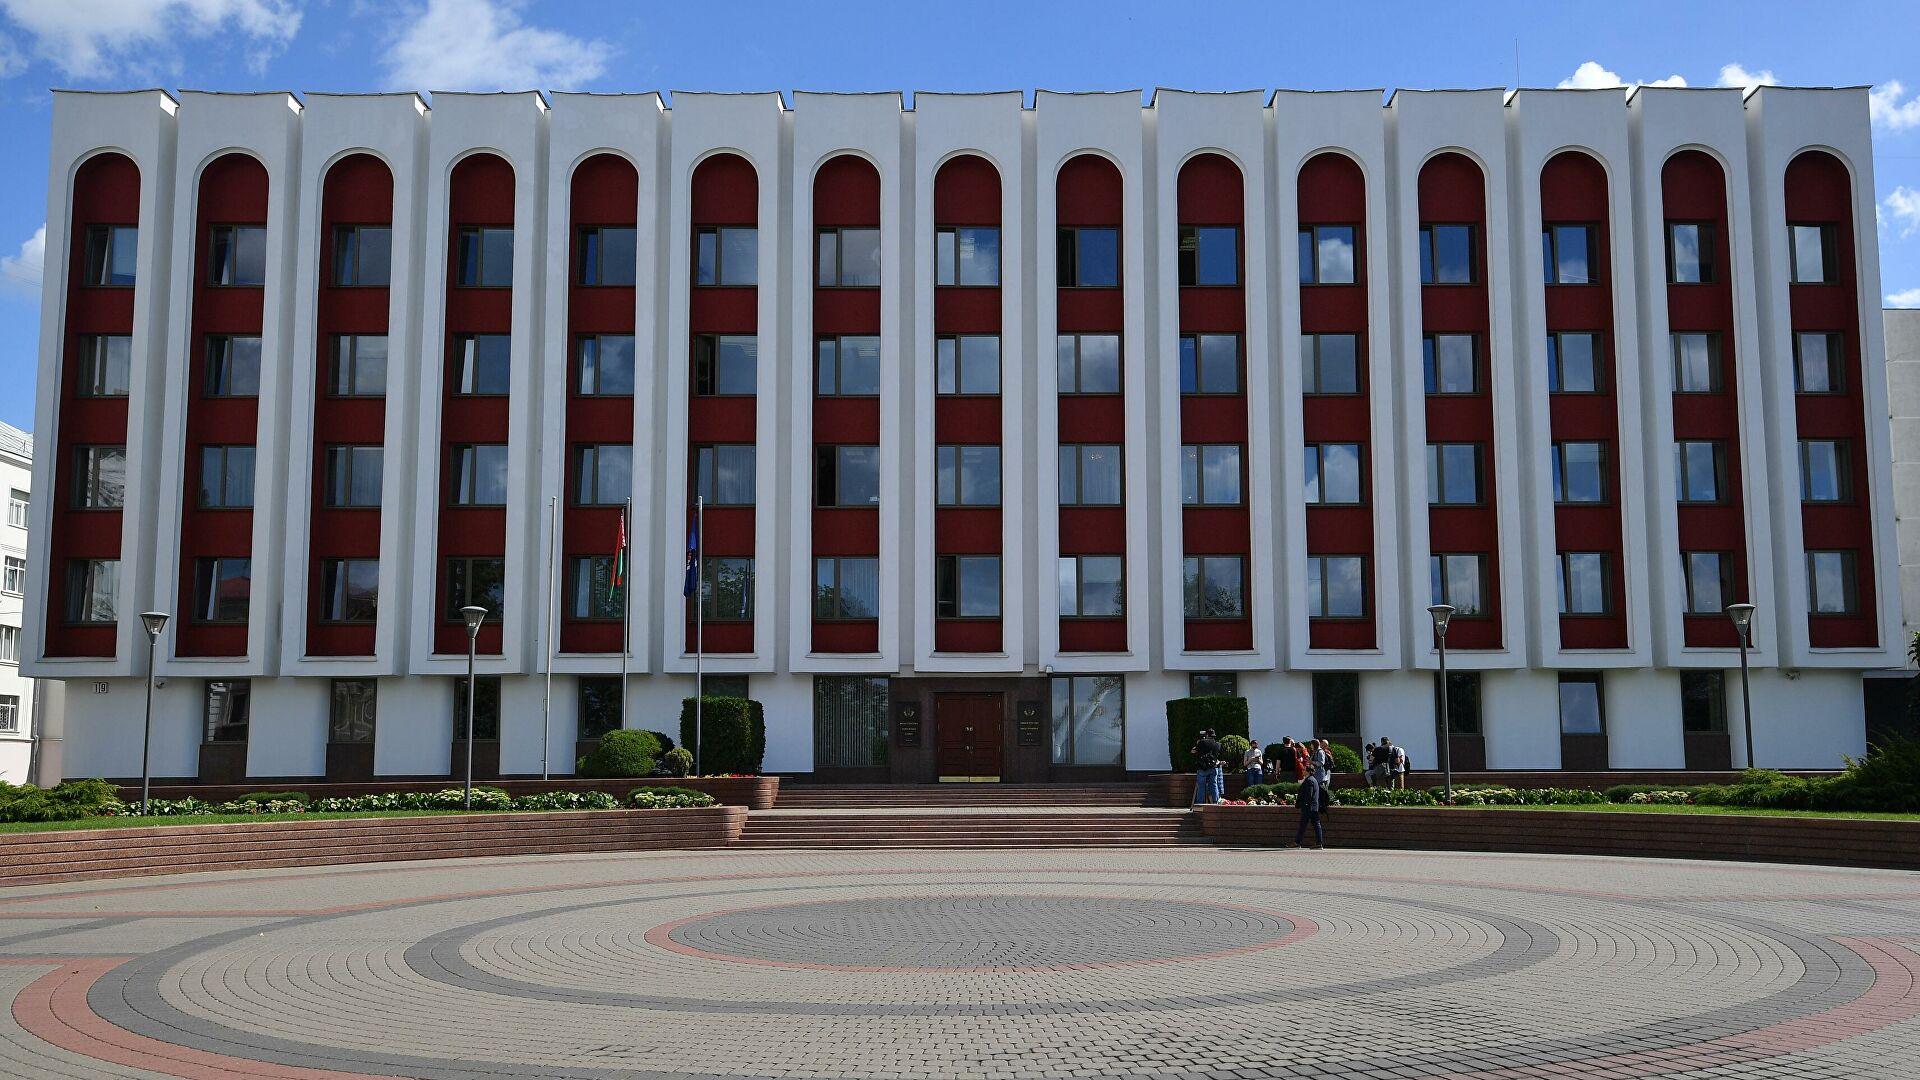 Минск: Историја наше независне државе потврђује да сваки покушај увођења санкција Белорусији води њихове иницијаторе само на супротан ефекат